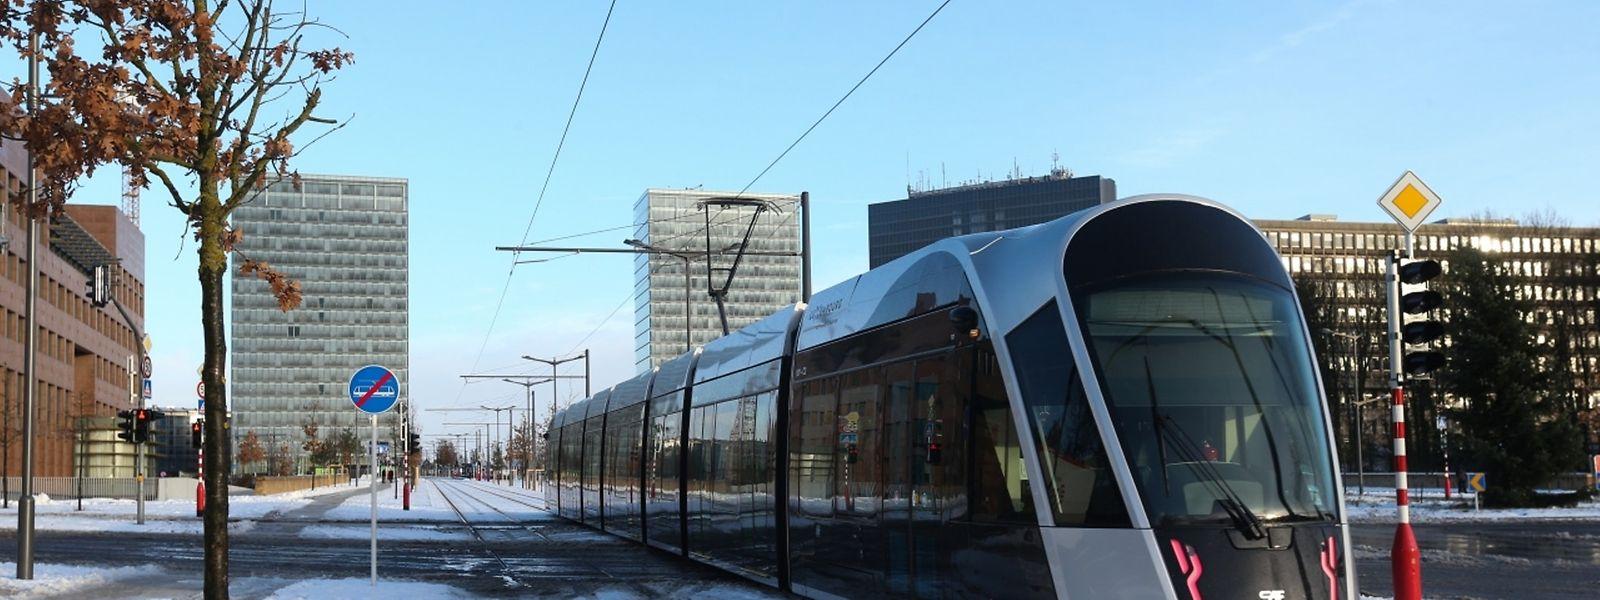 Le tram n'était plus alimenté en électricité durant une heure.